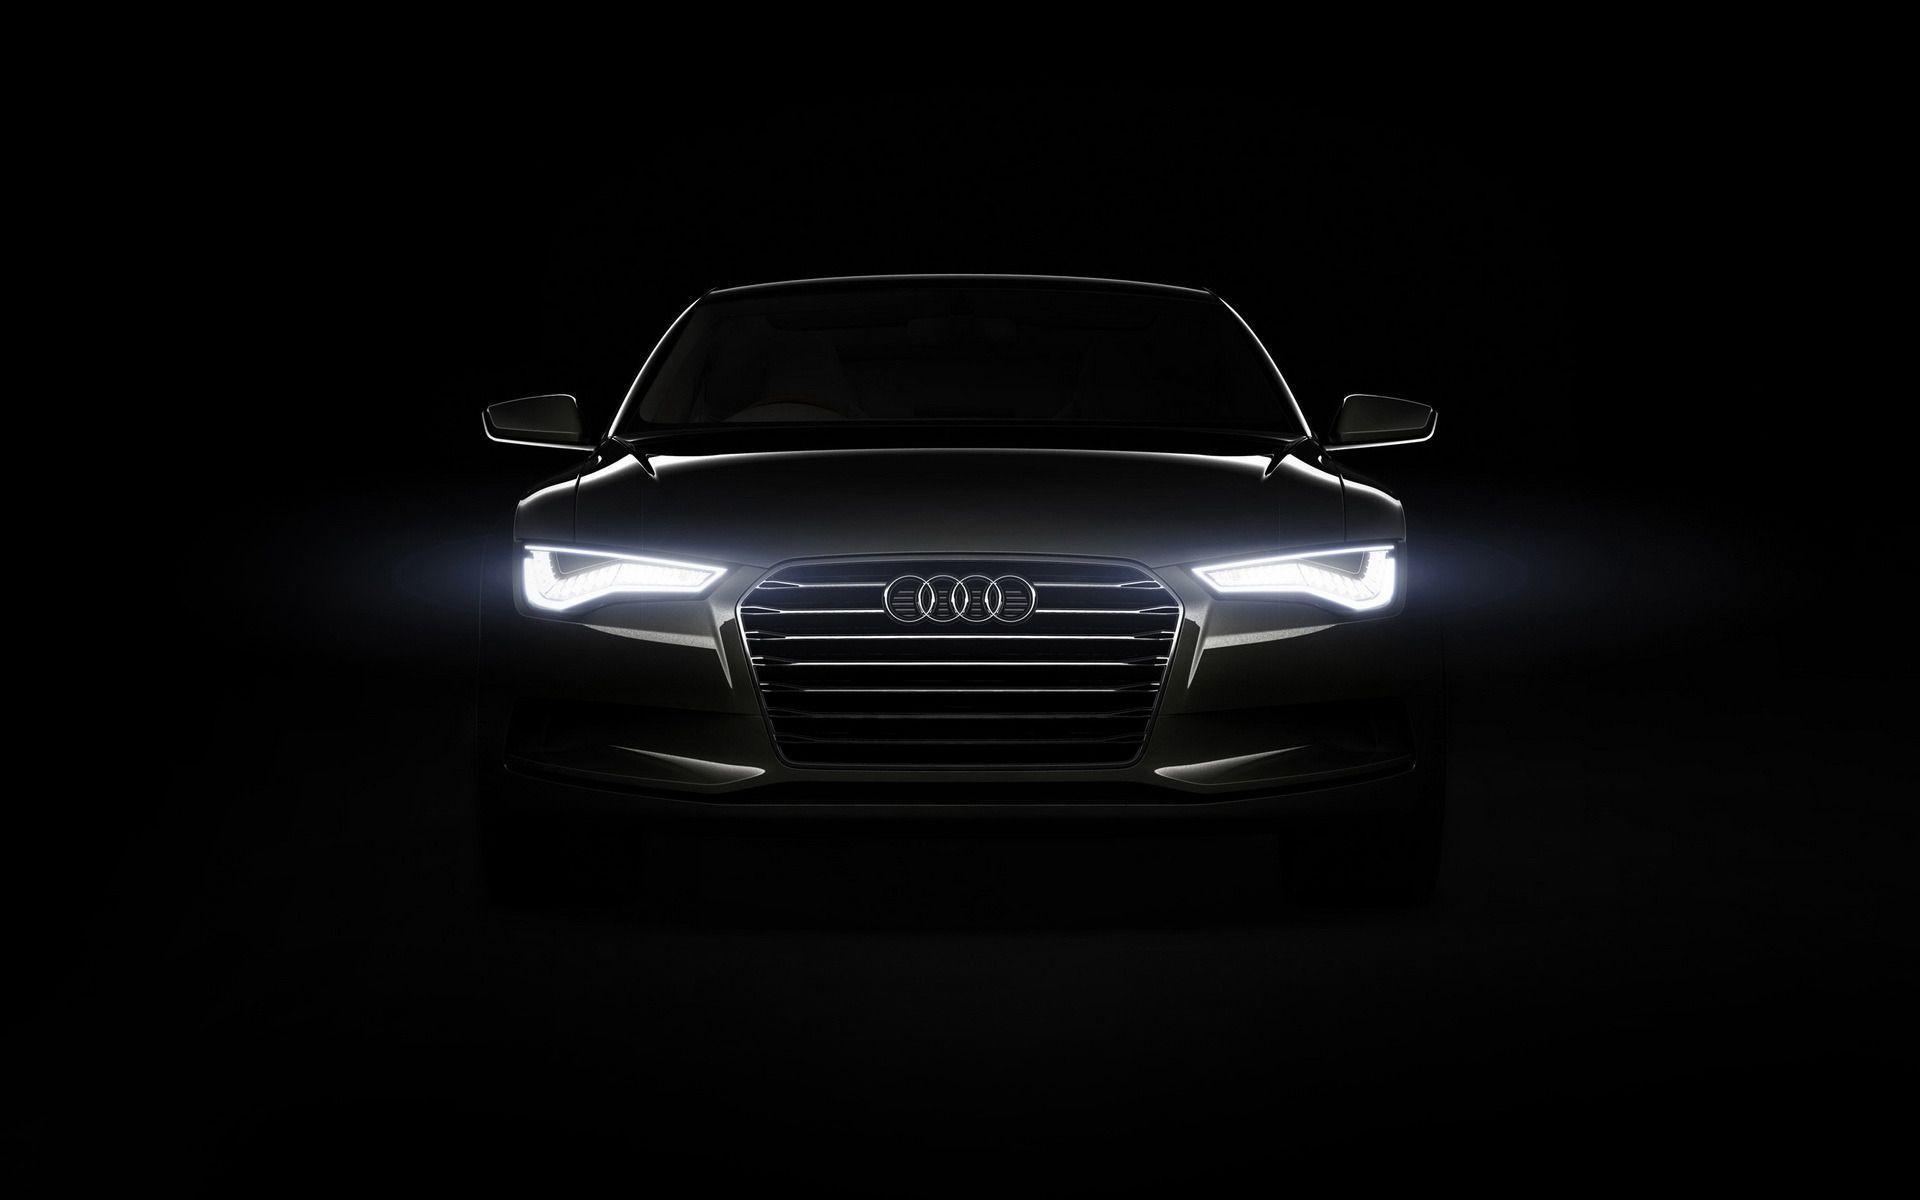 Audi A5 Wallpapers - Wallpaper Cave